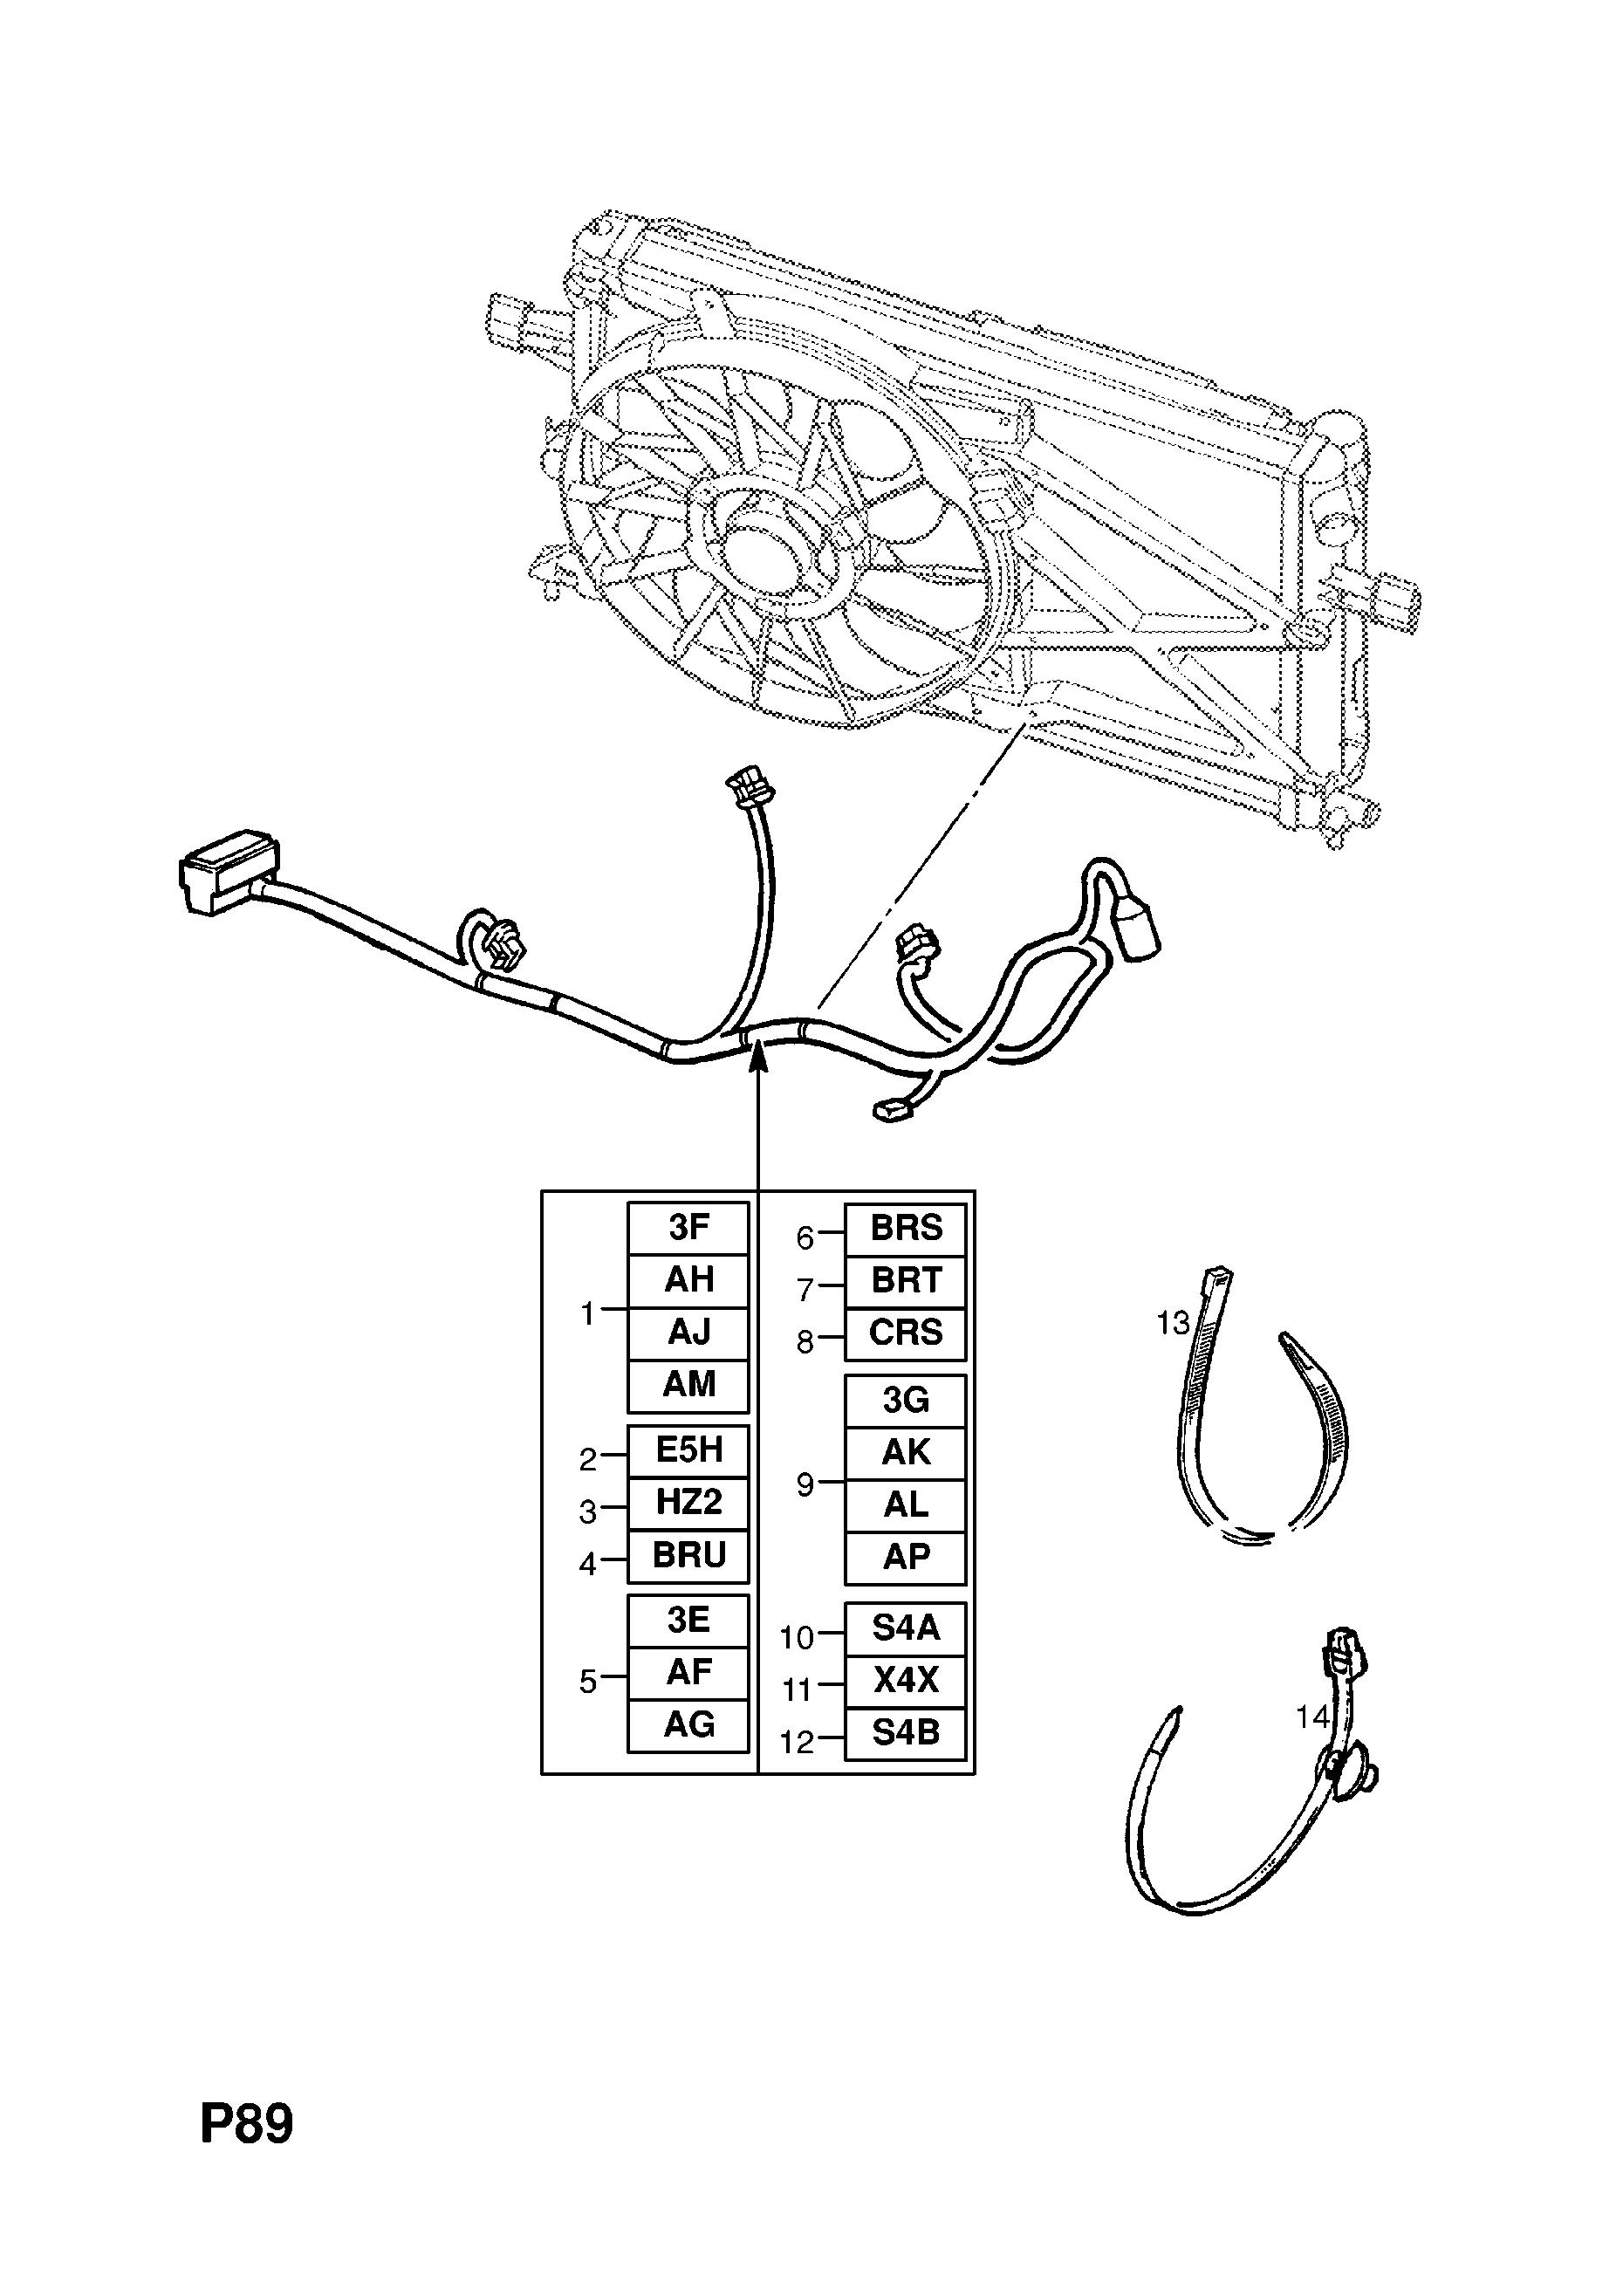 list of parts  model � astra-g/w0l0tgf35y8168889